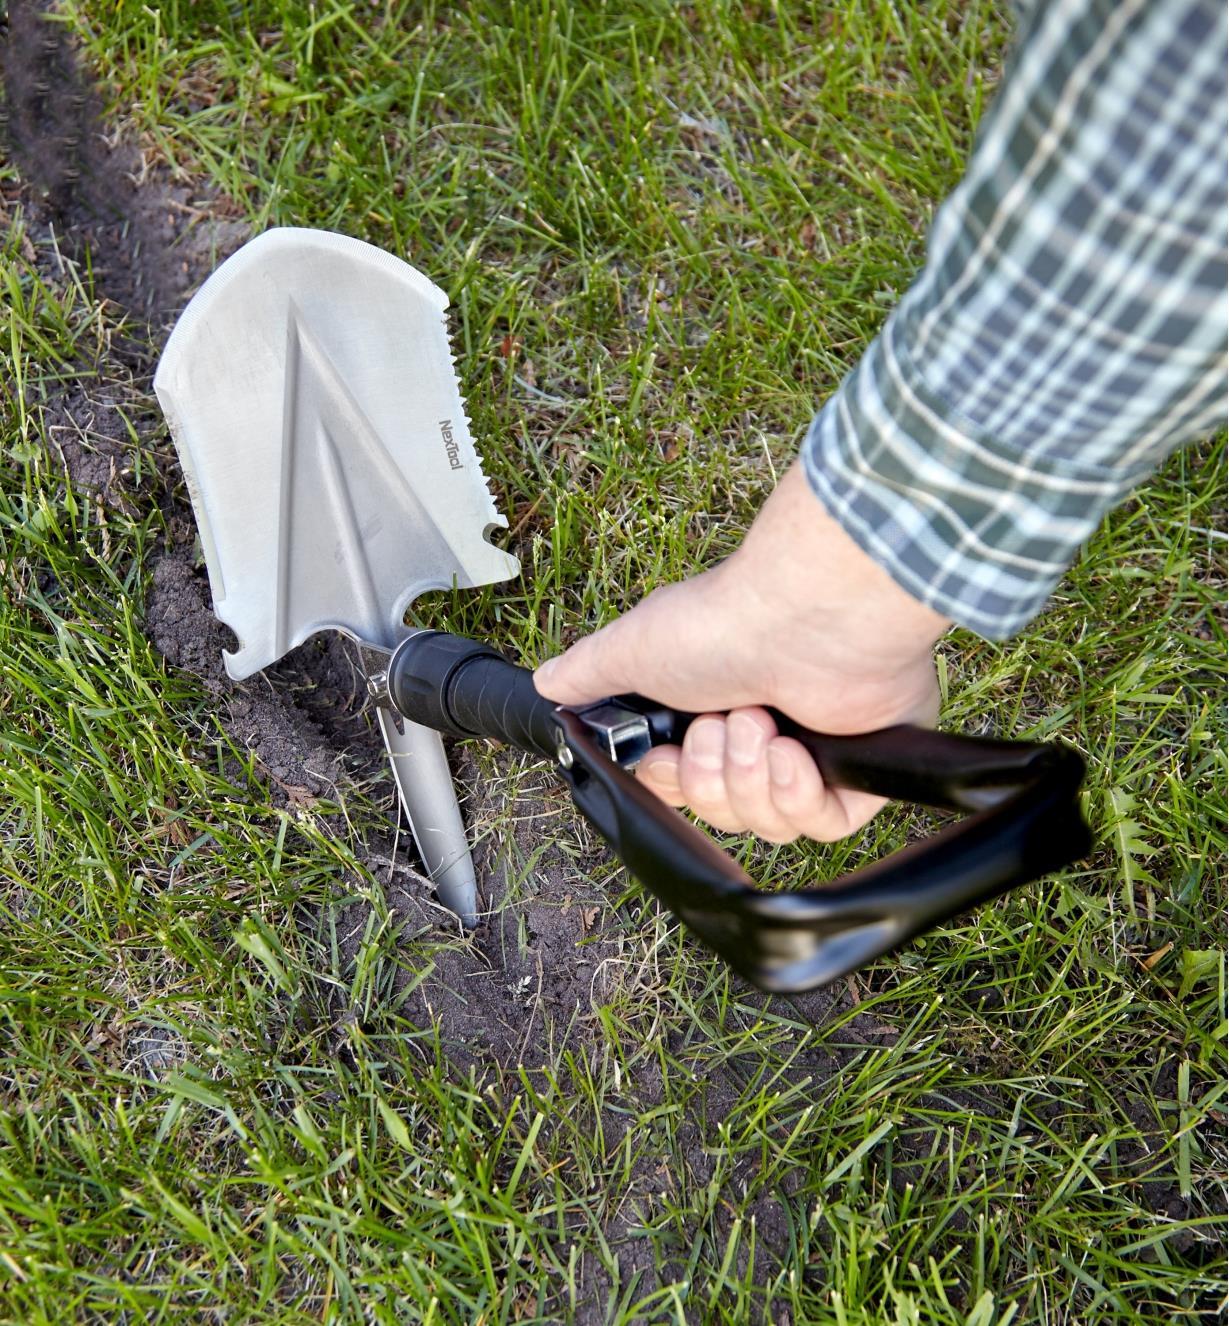 Personne creusant une tranchée à l'aide de la pioche sur la pelle pliante